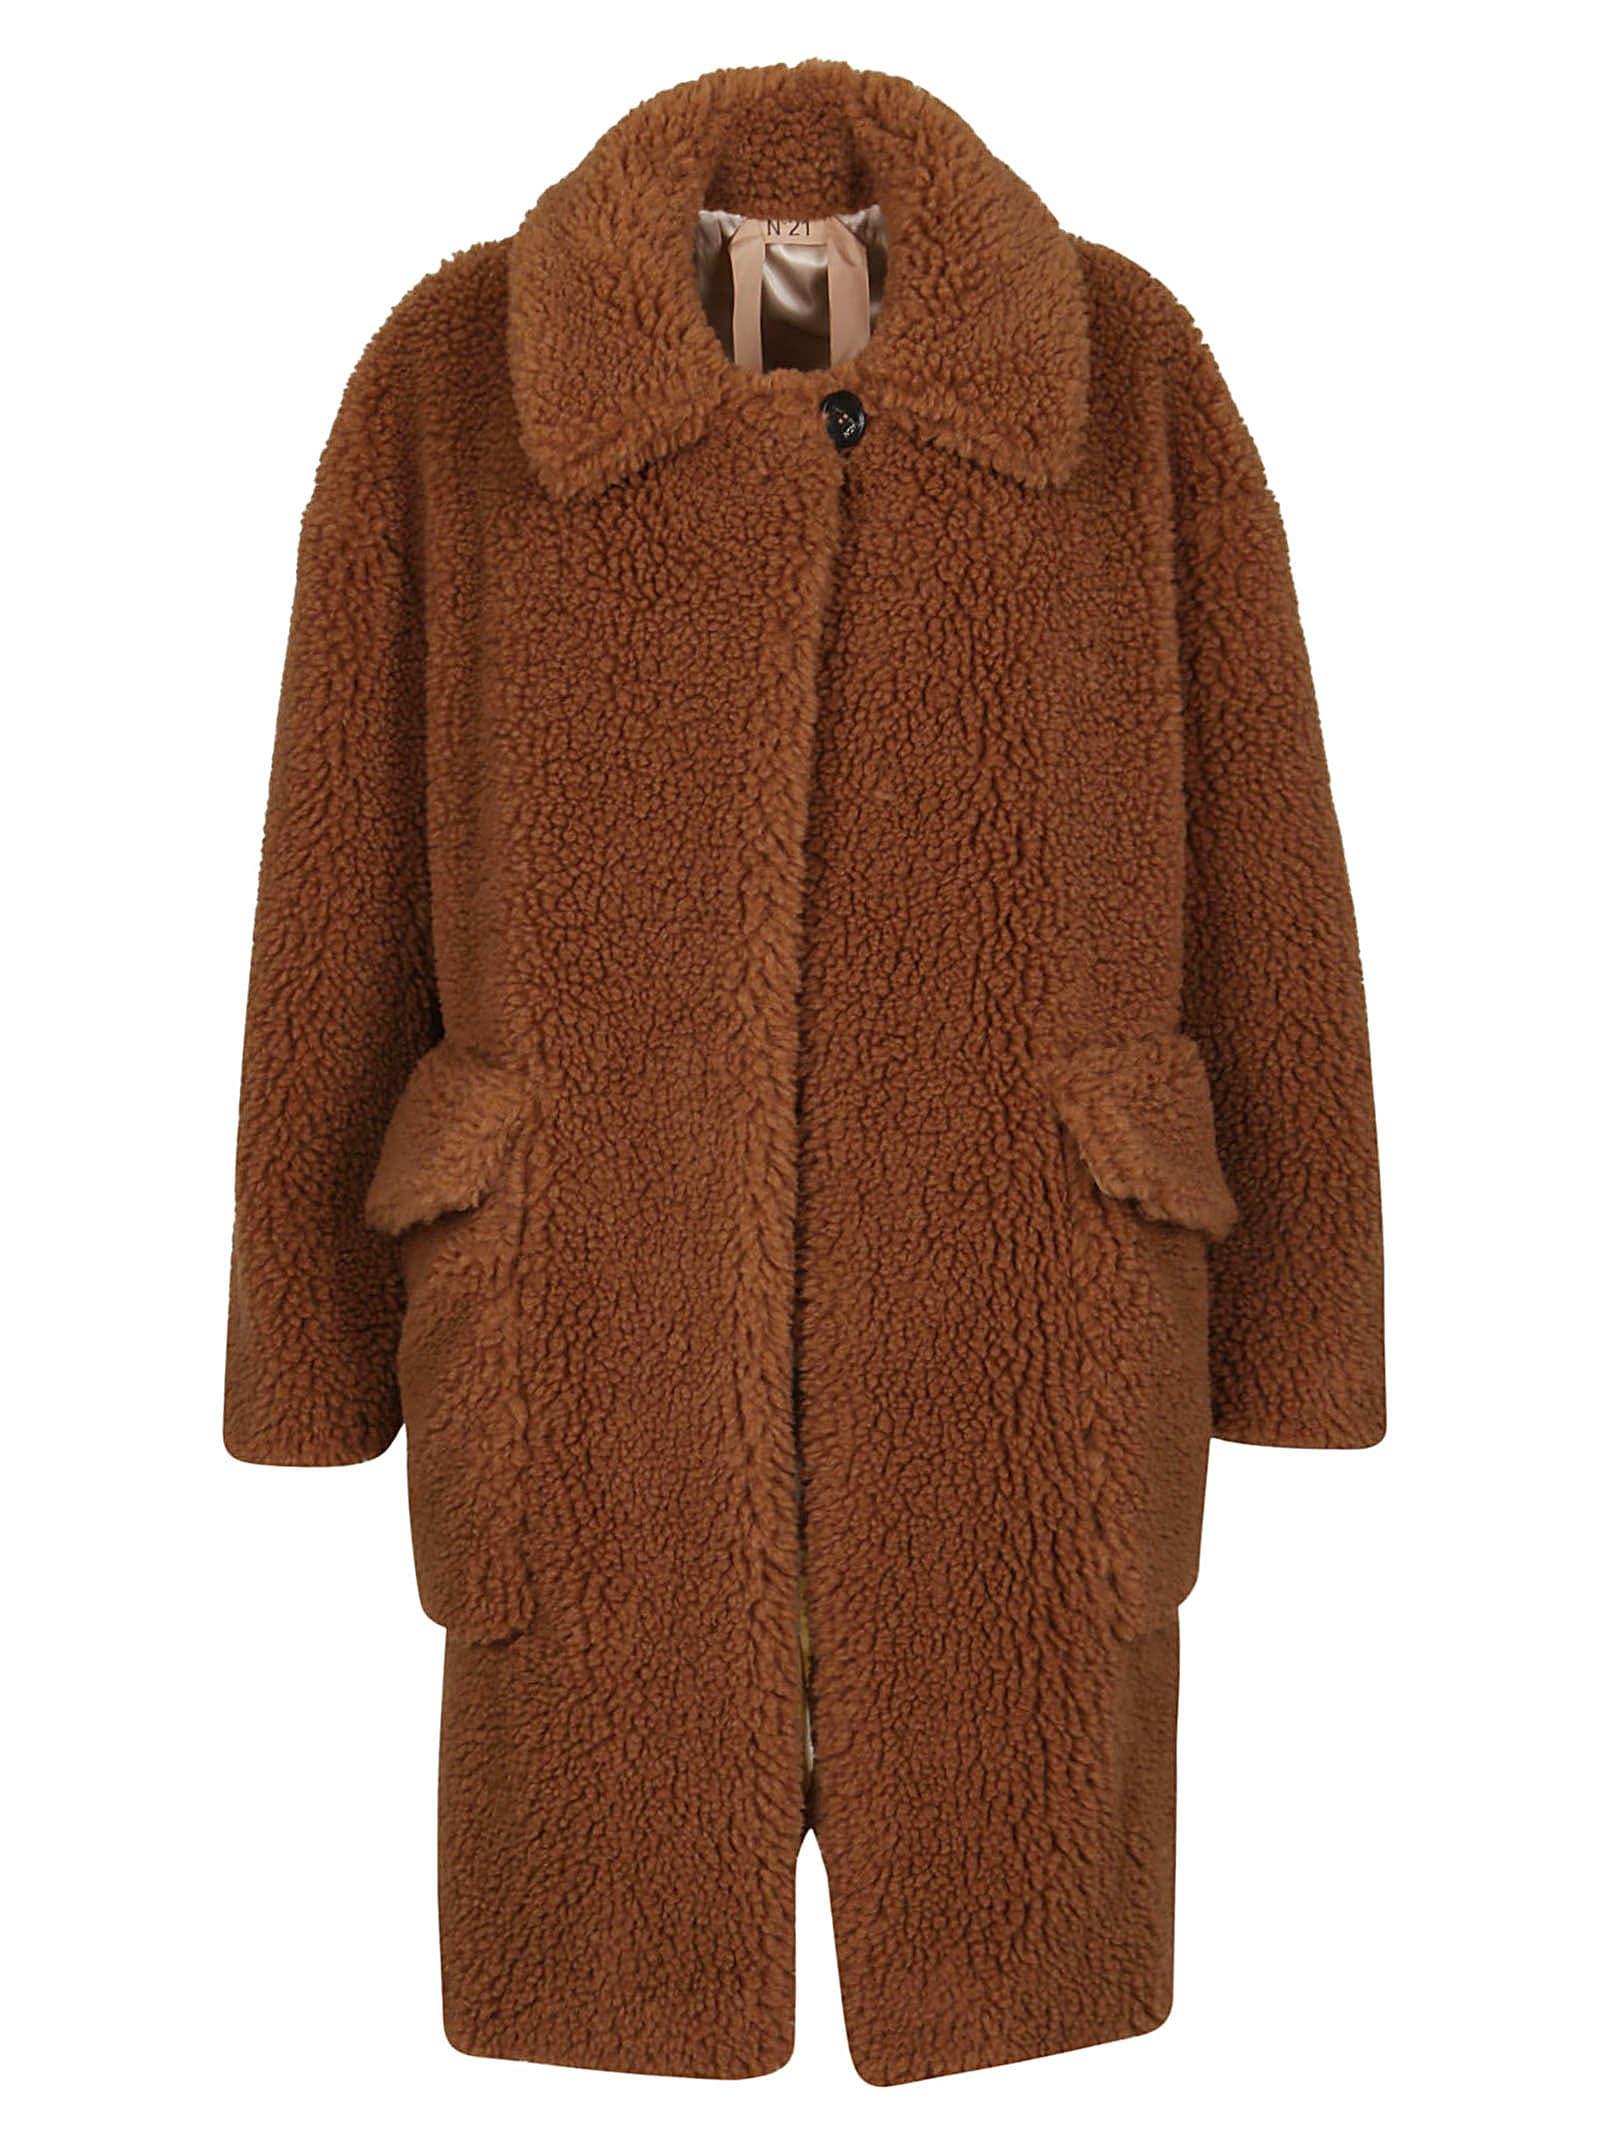 N.21 Coat